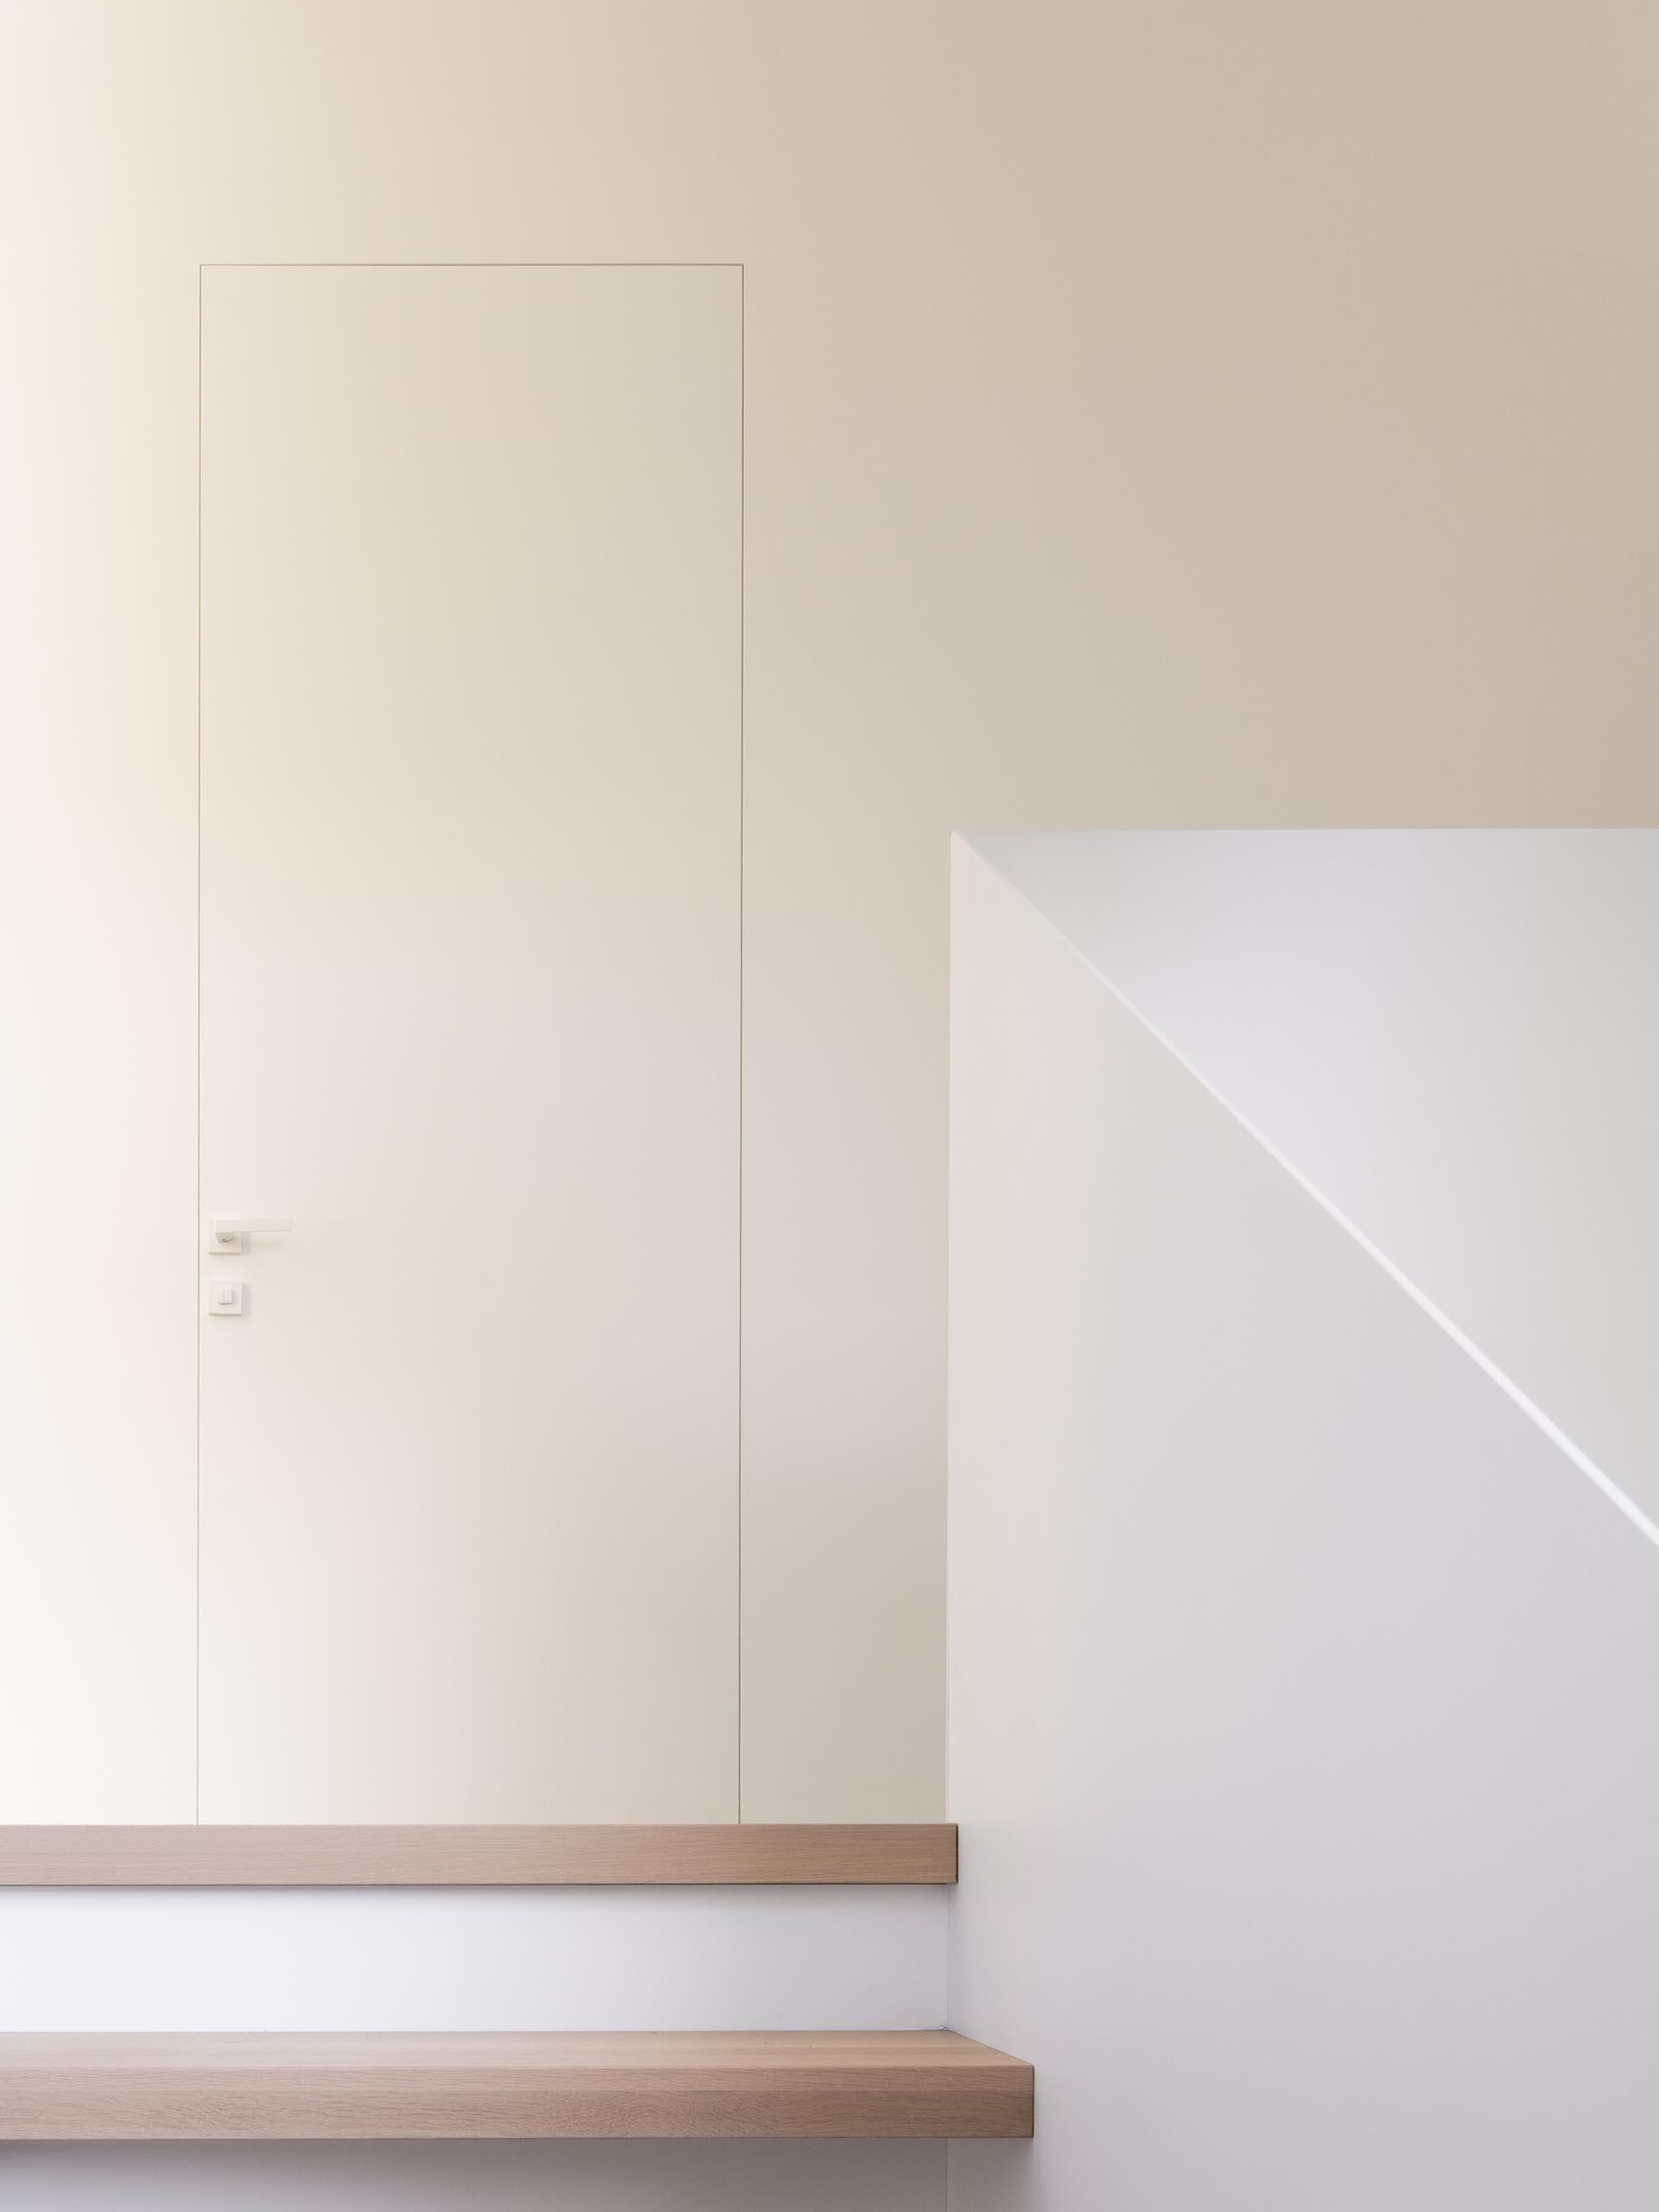 A minimalist door frame blends the door into the wall.